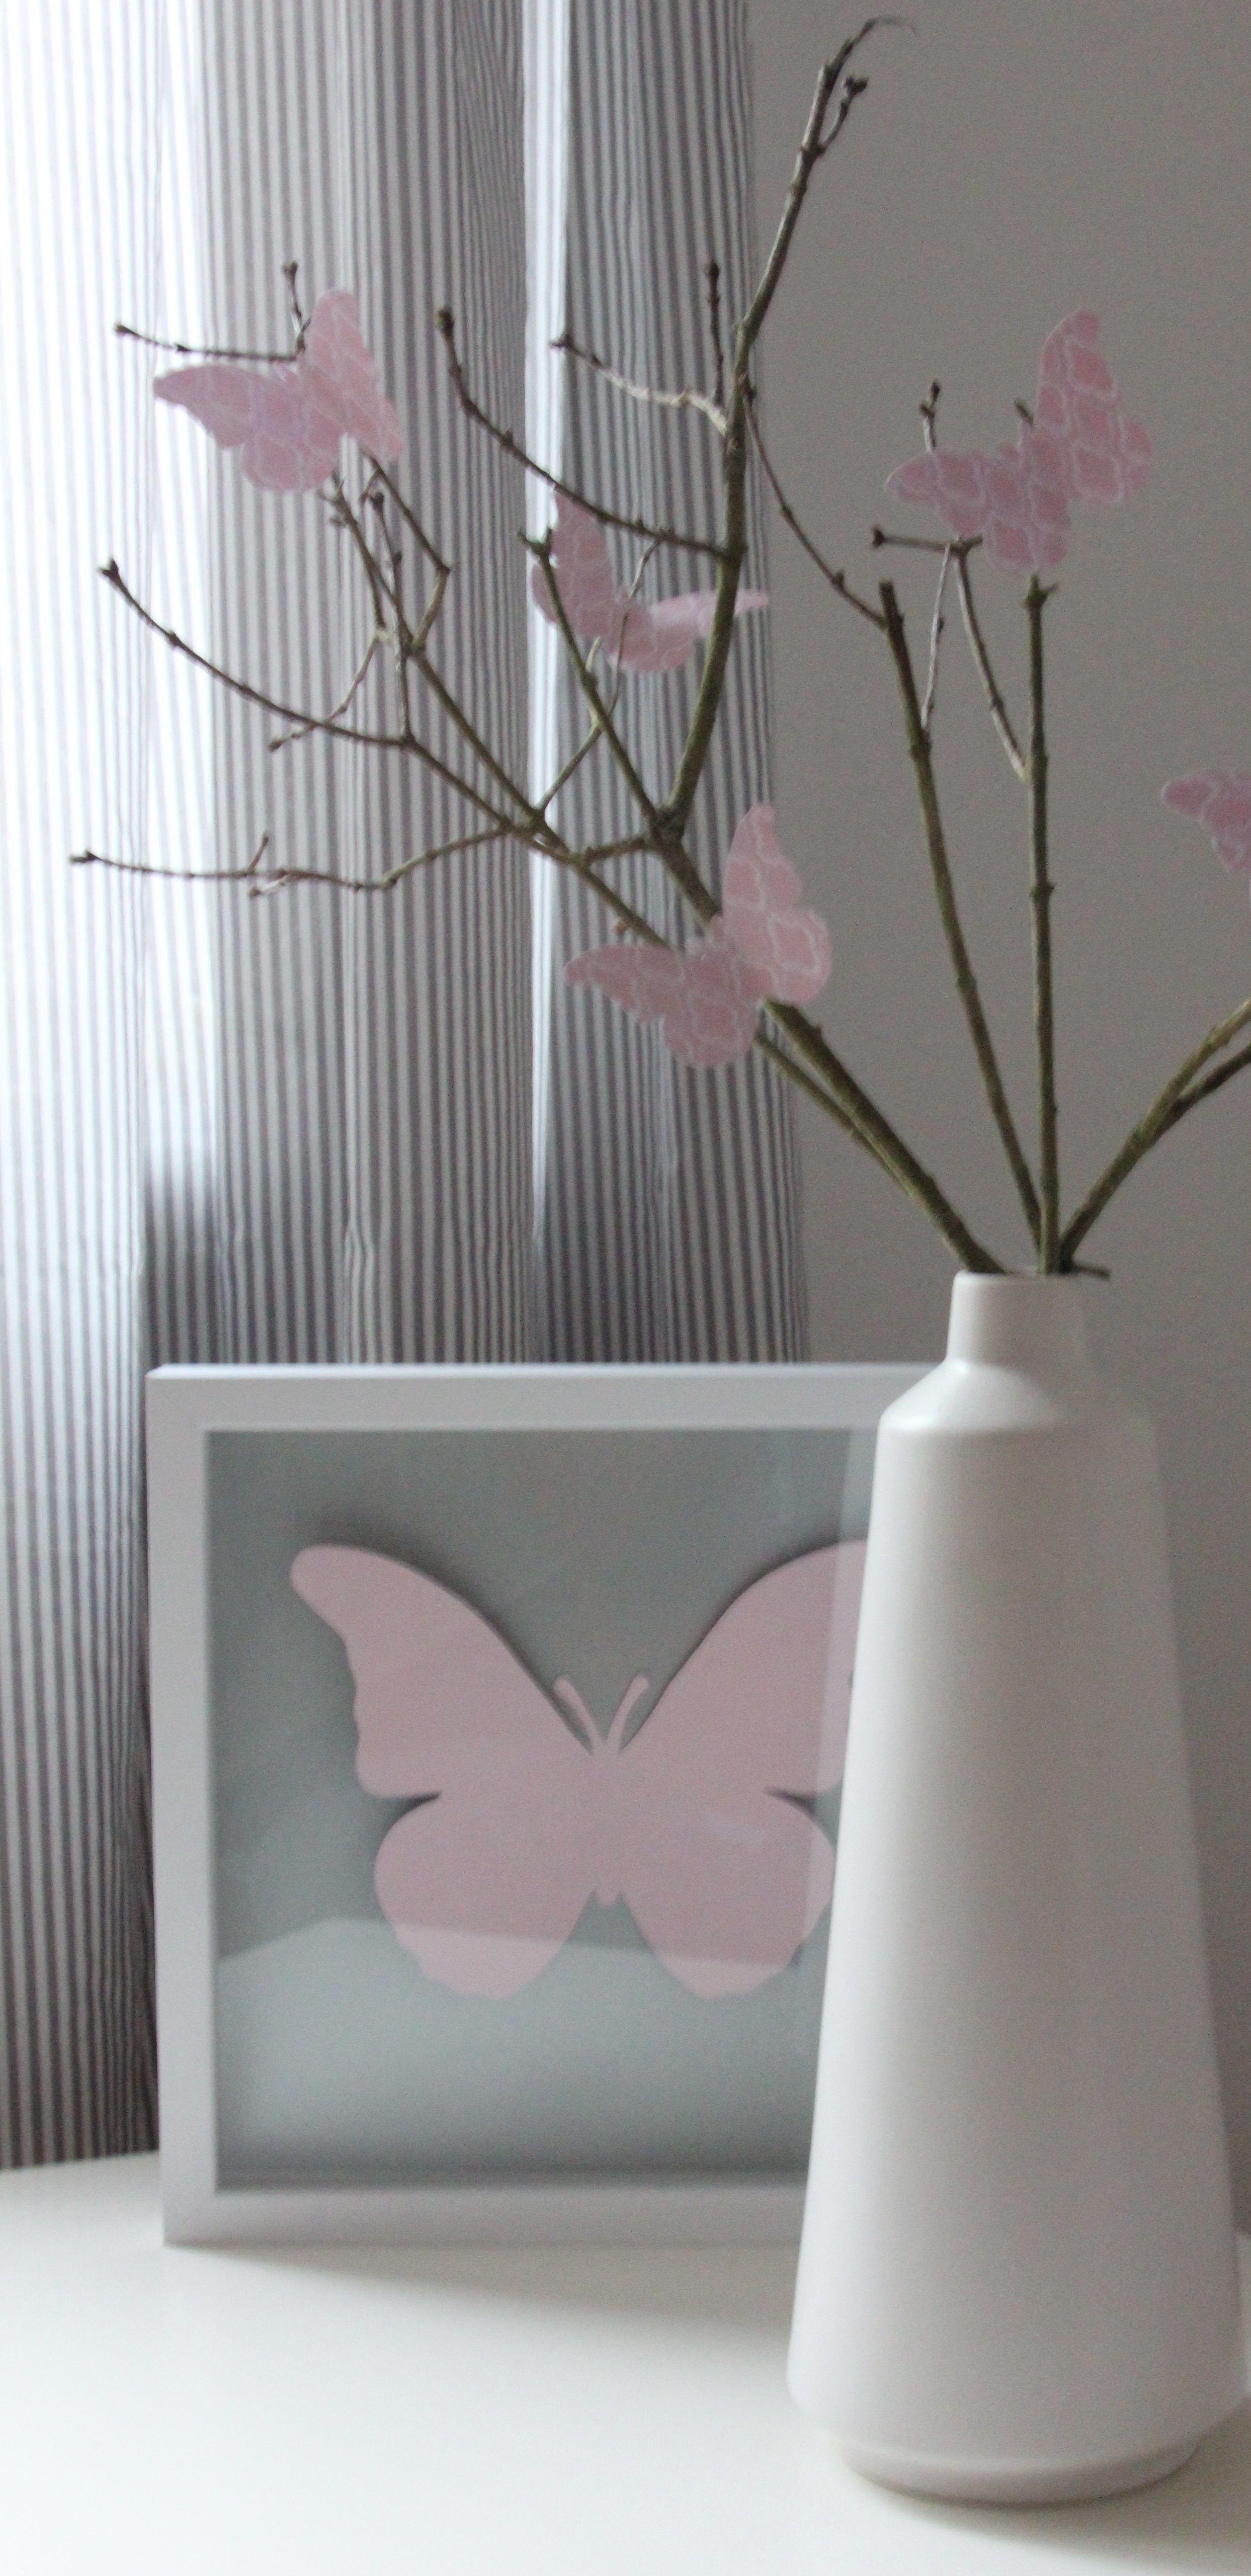 sch ne deko f r das kinderzimmer einfach schmetterlinge ausschneiden an den ast und in den. Black Bedroom Furniture Sets. Home Design Ideas